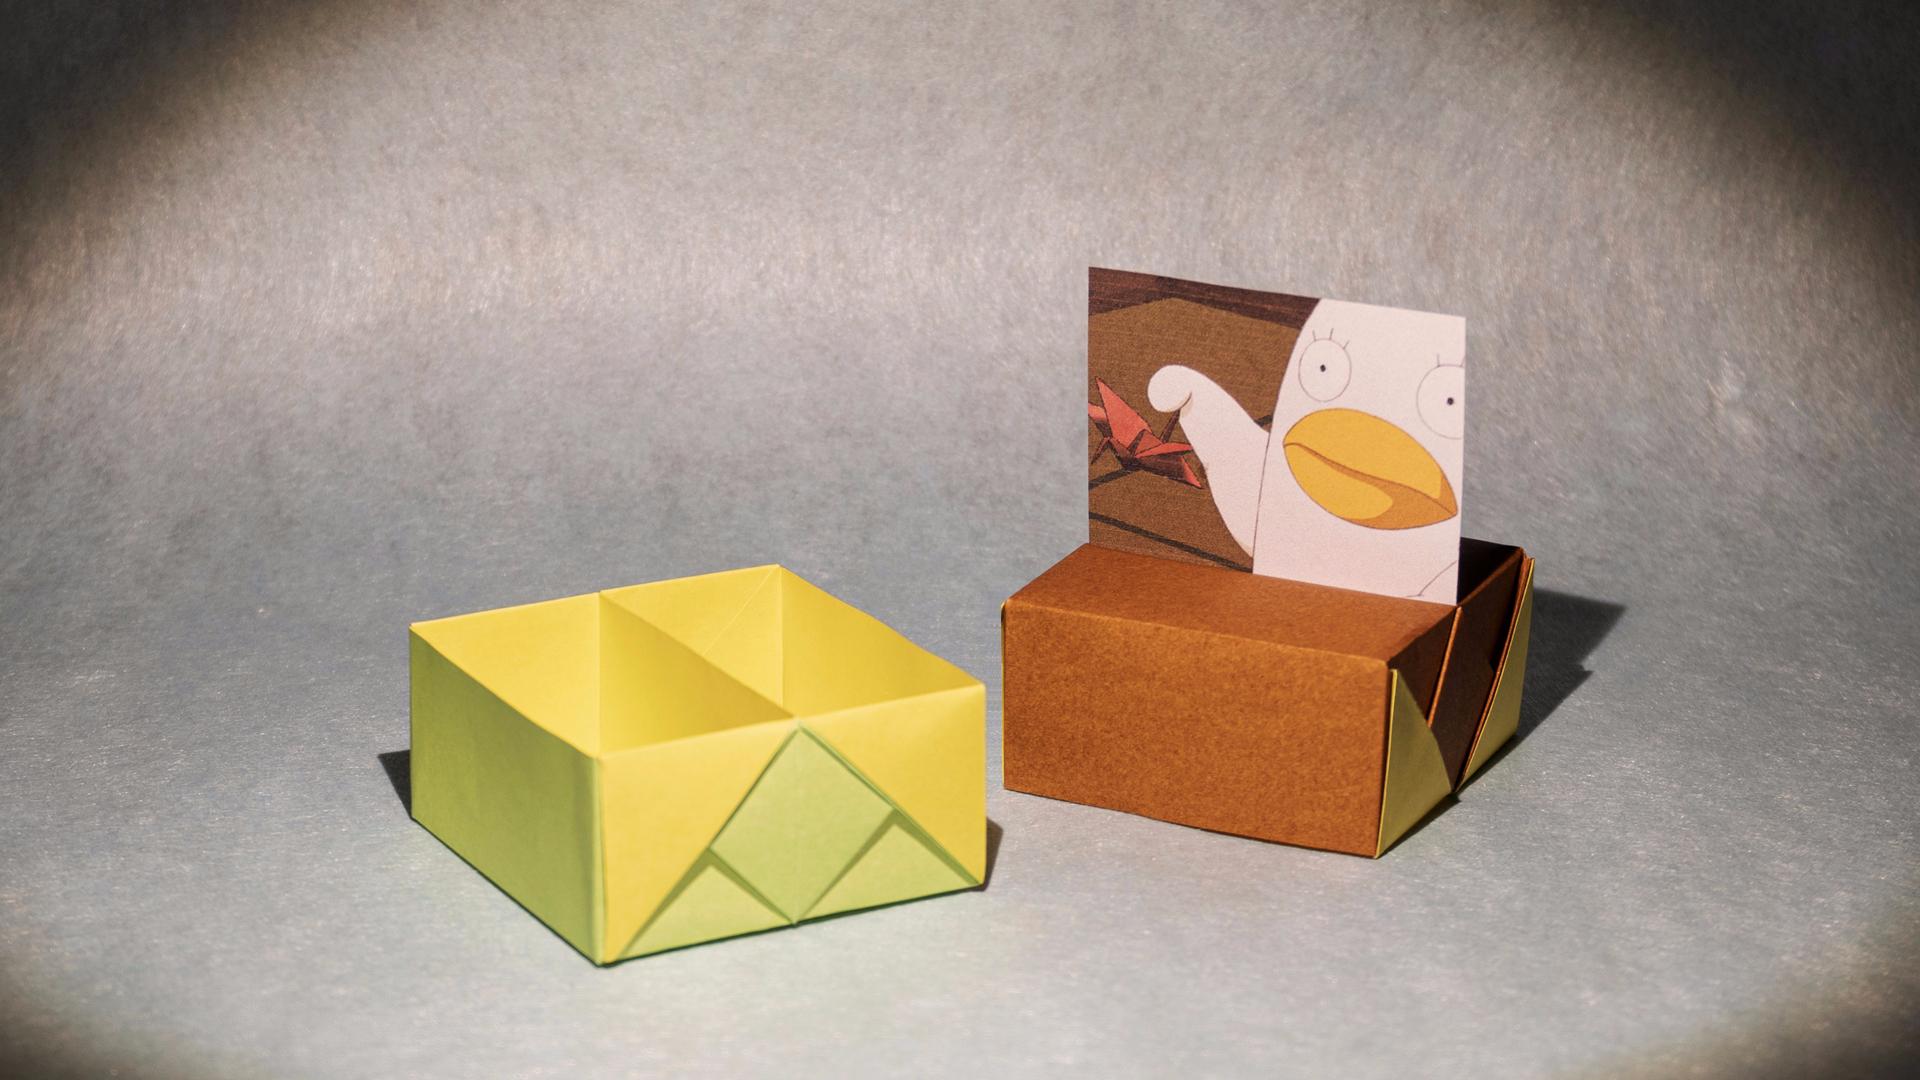 简单实用折纸盒子,带分隔,还另有妙用